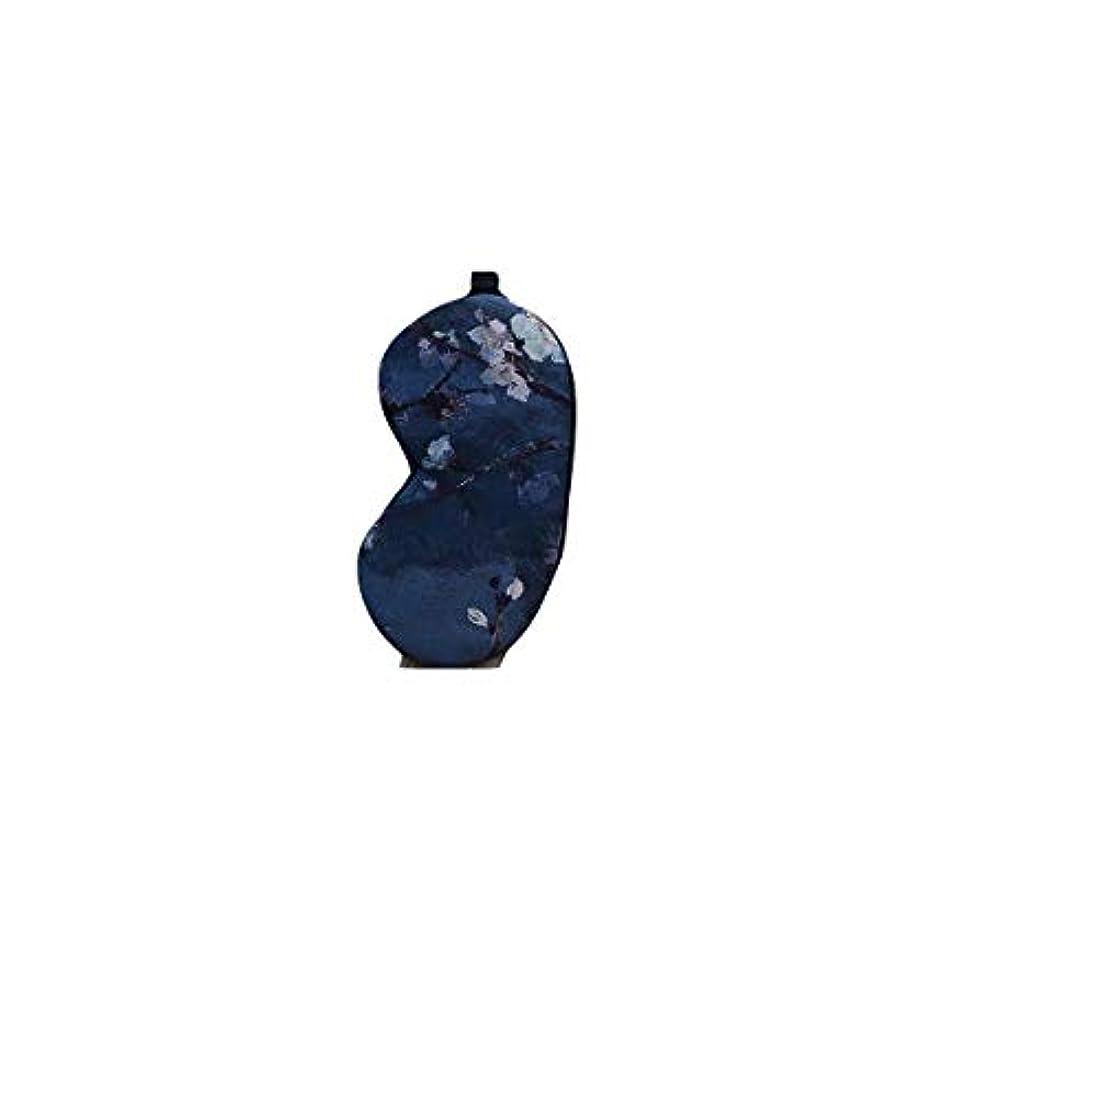 地上の女将勇気のあるシルクアイマスクは、目の疲れダークサークルを緩和することができます、女性モデルの睡眠シェーディング学生通気性の目の保護、加熱と加熱 (Color : Blue)